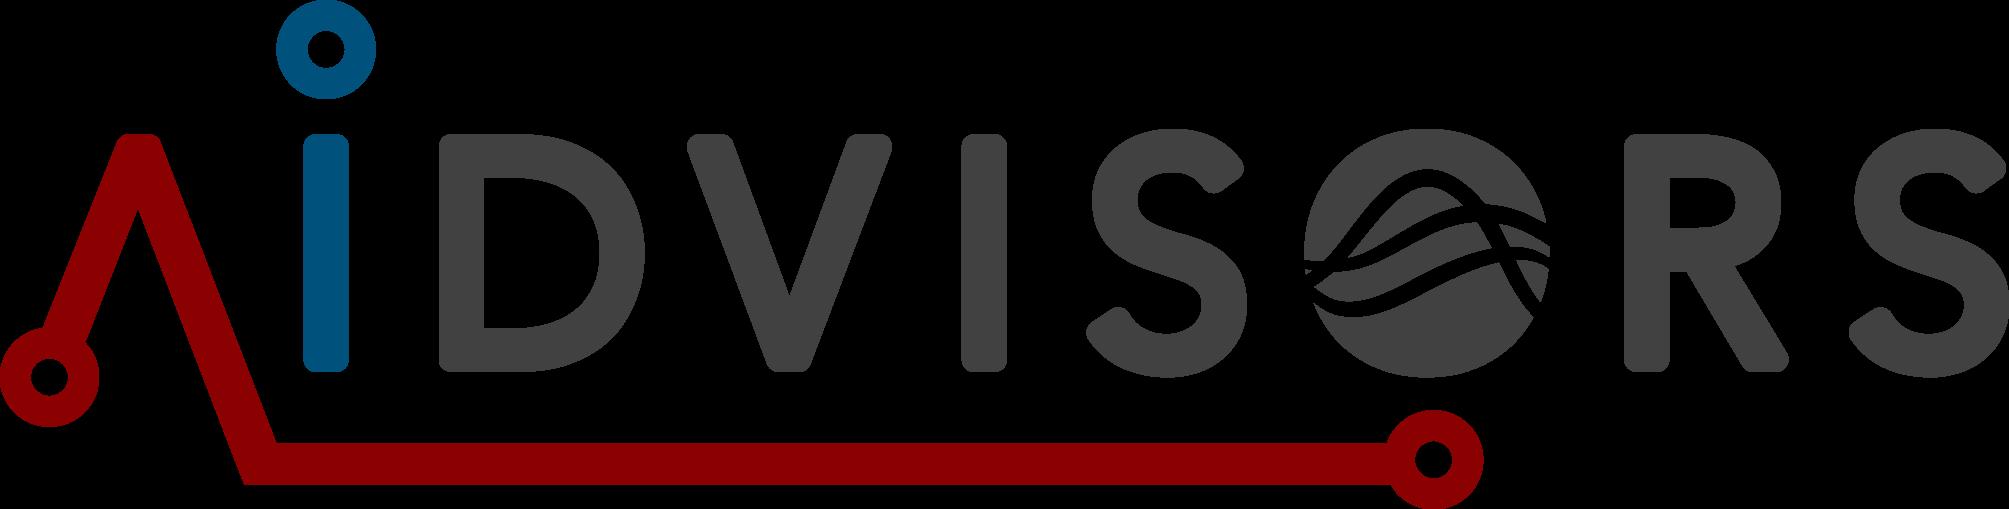 Aidvisors logo